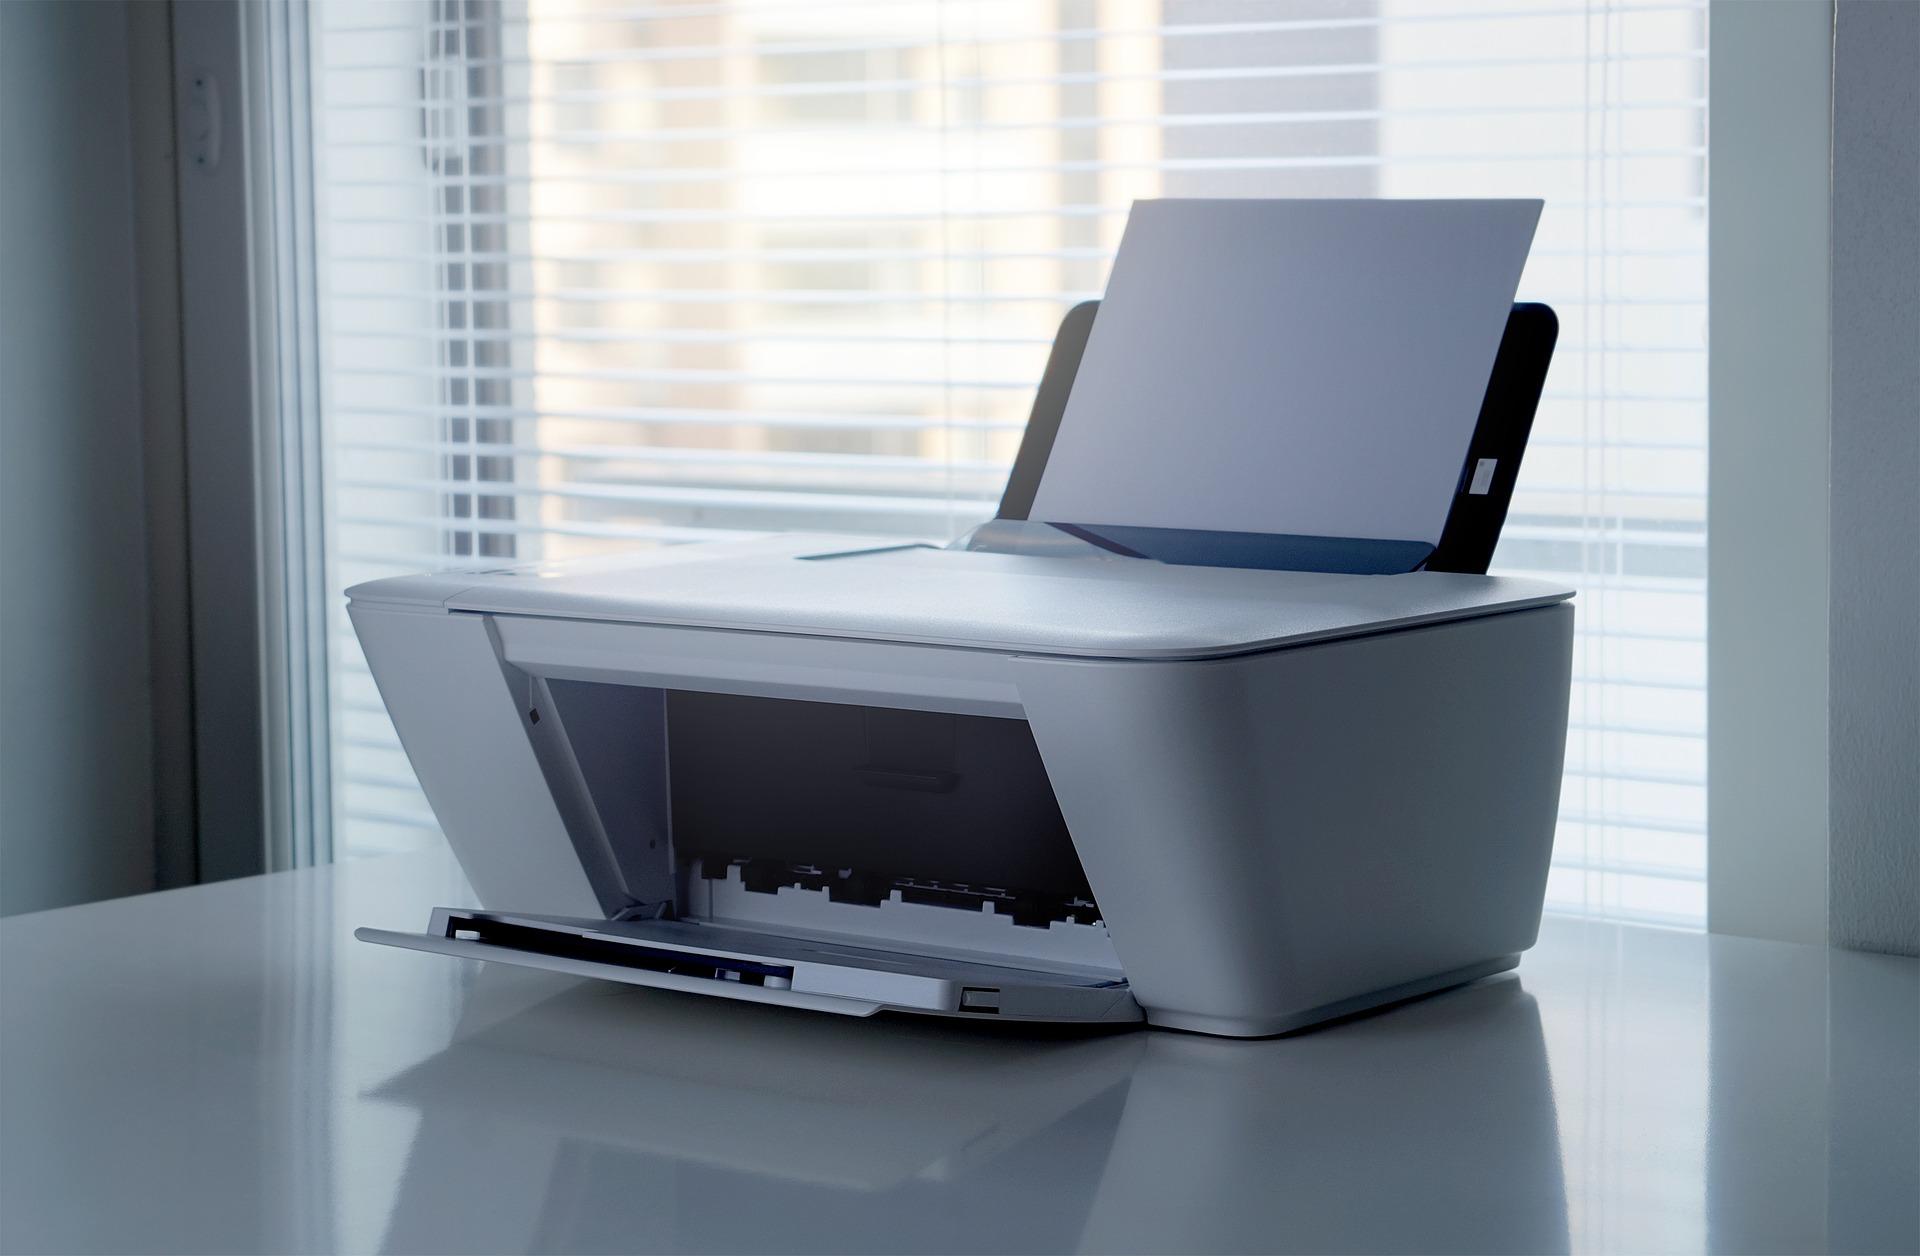 Najlepsze drukarki dla domu – TOP 3 najciekawszych propozycji